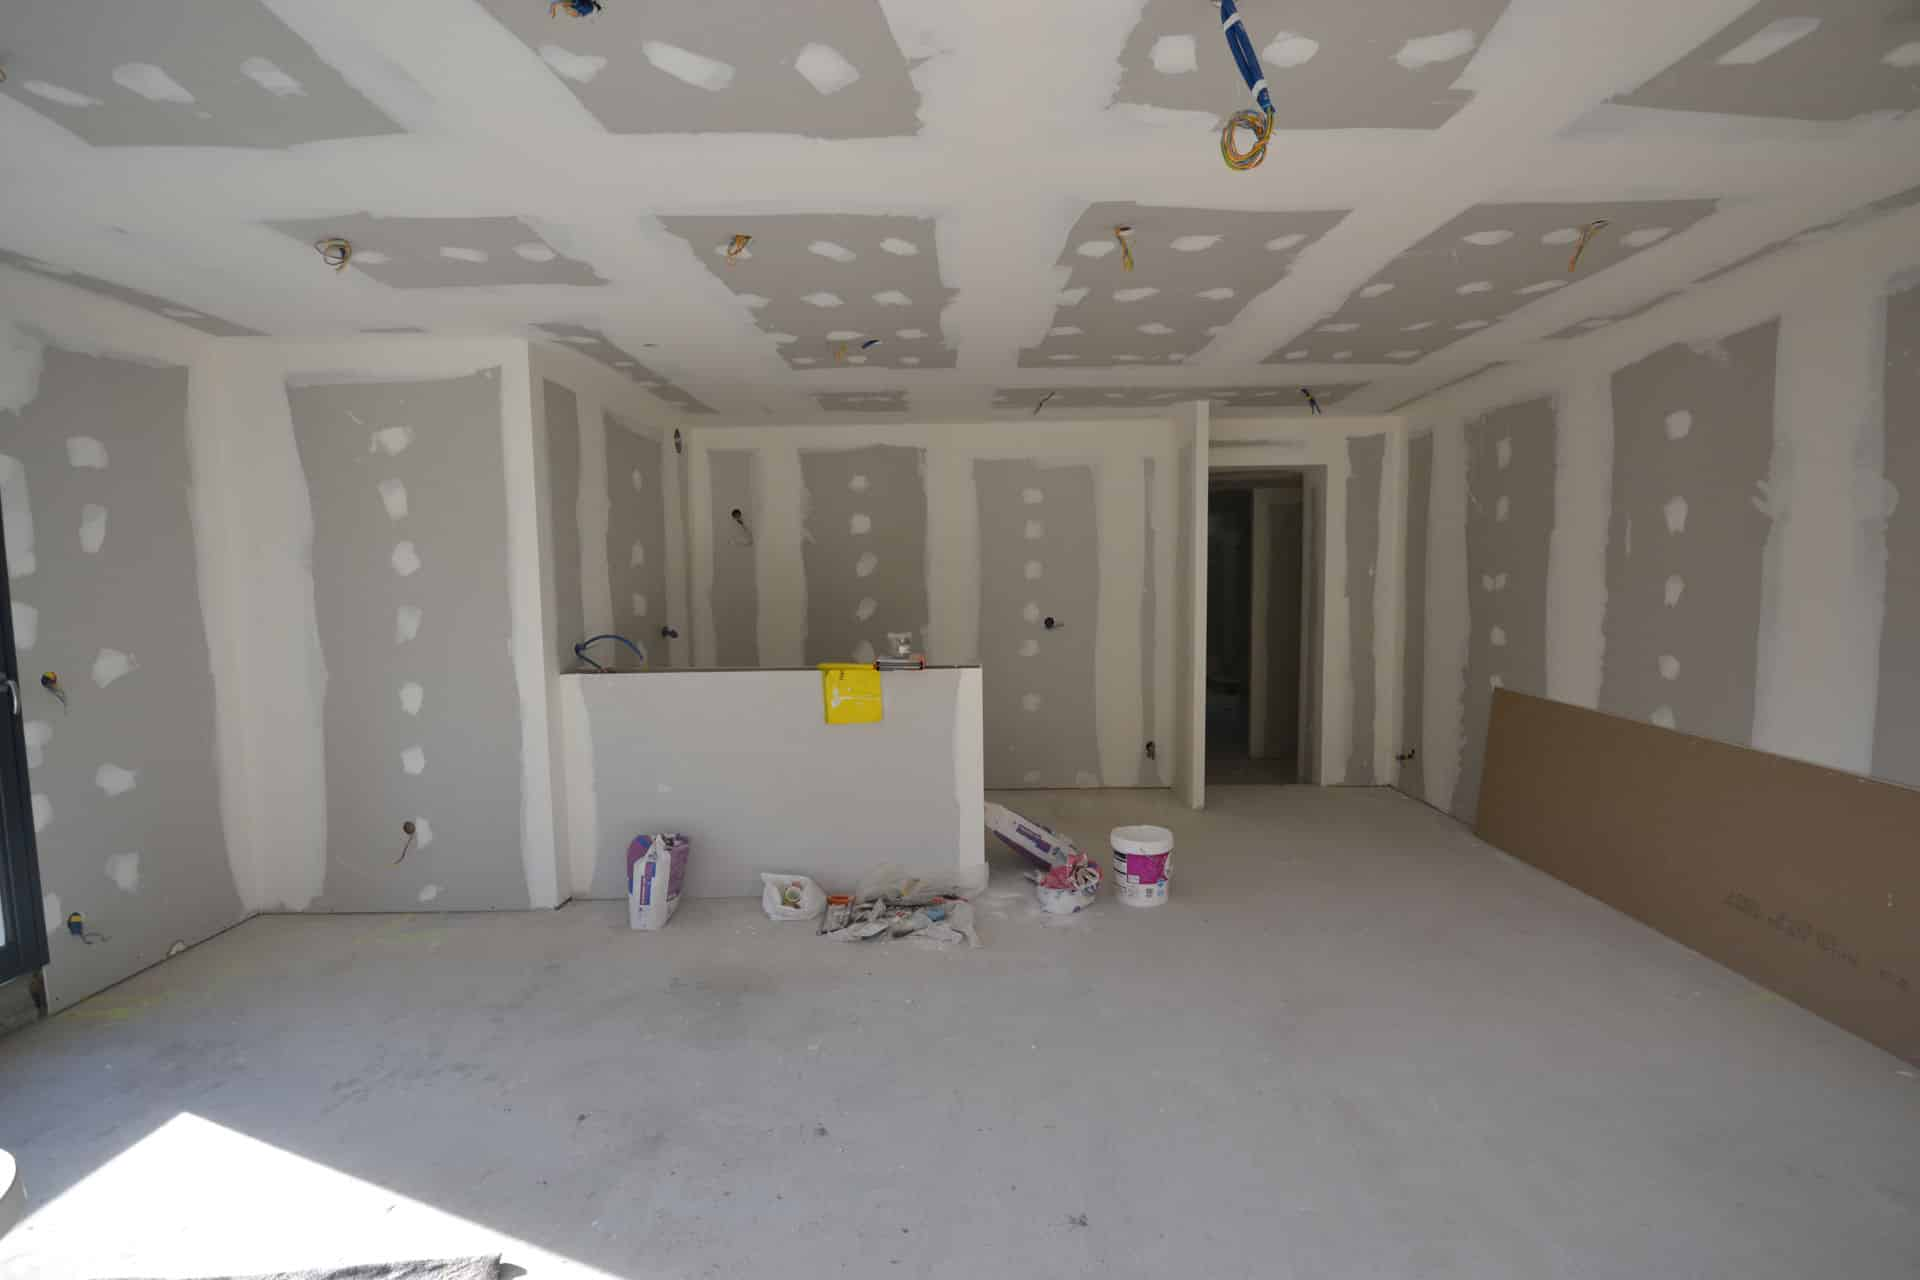 extension et surélévation Caquefou7 - Extension et rénovation d'une maison à Carquefou (44)